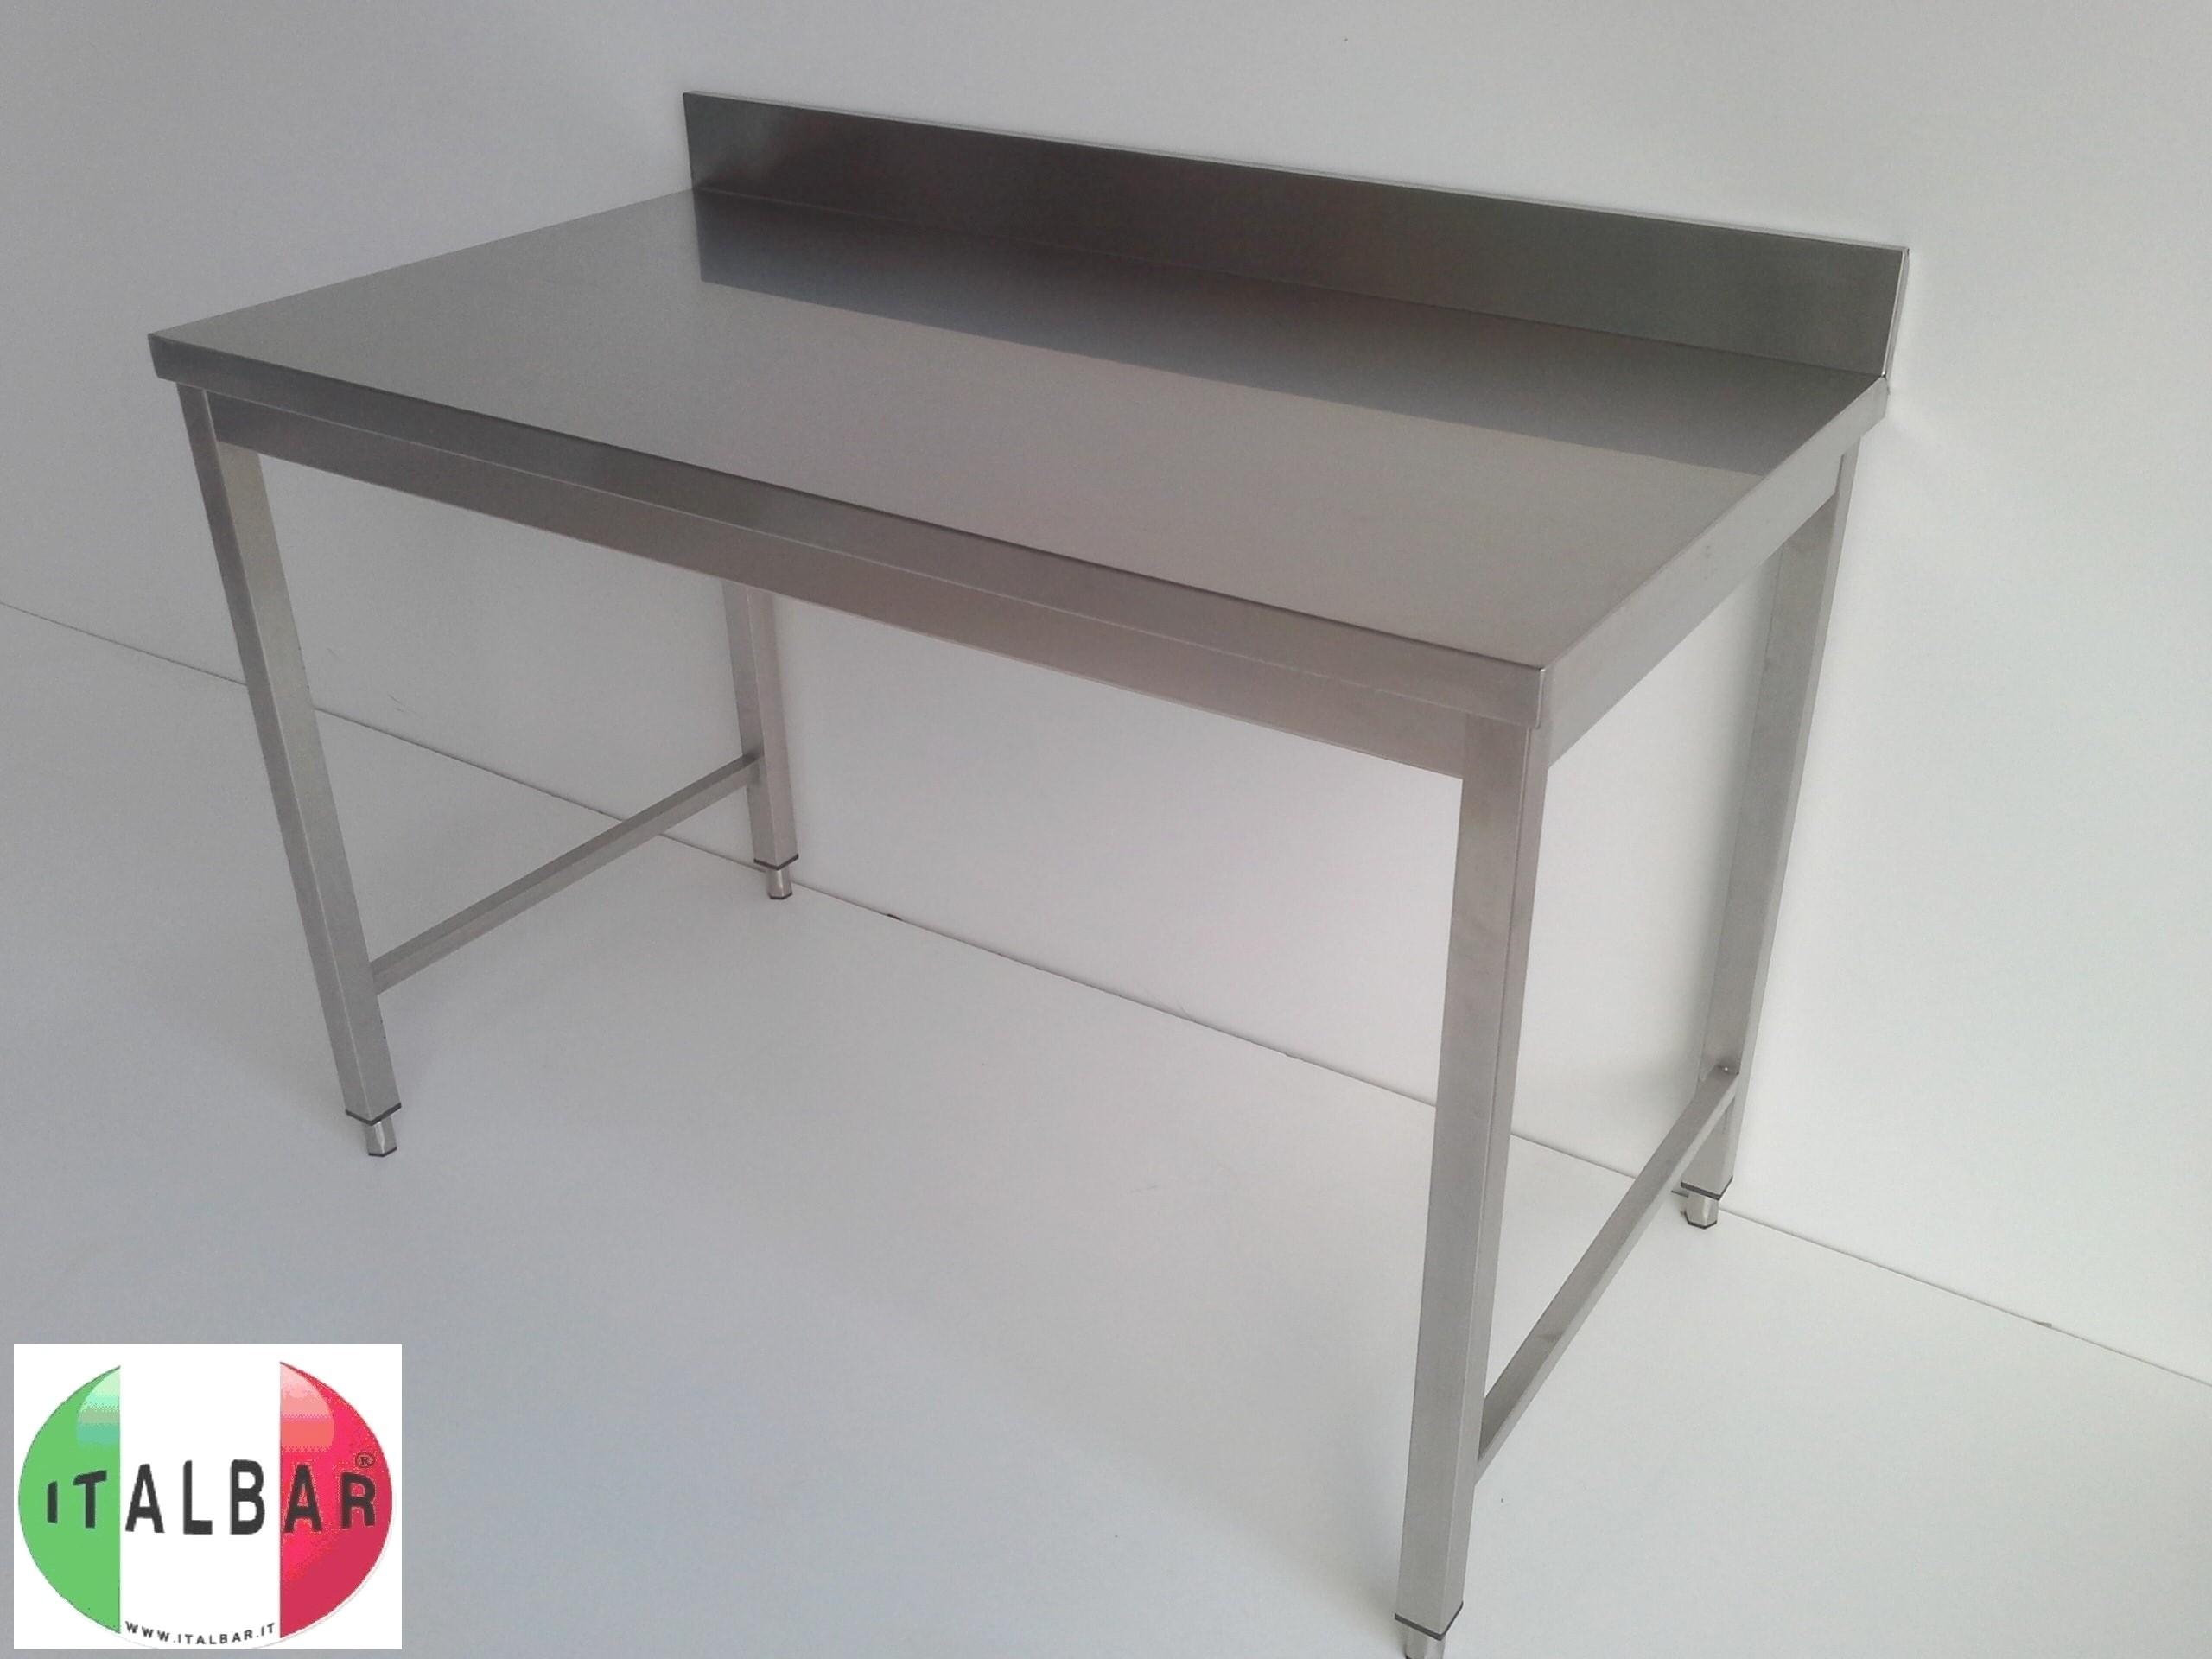 Italbar banconi bar banchi frigo vetrine refrigerate tavolo